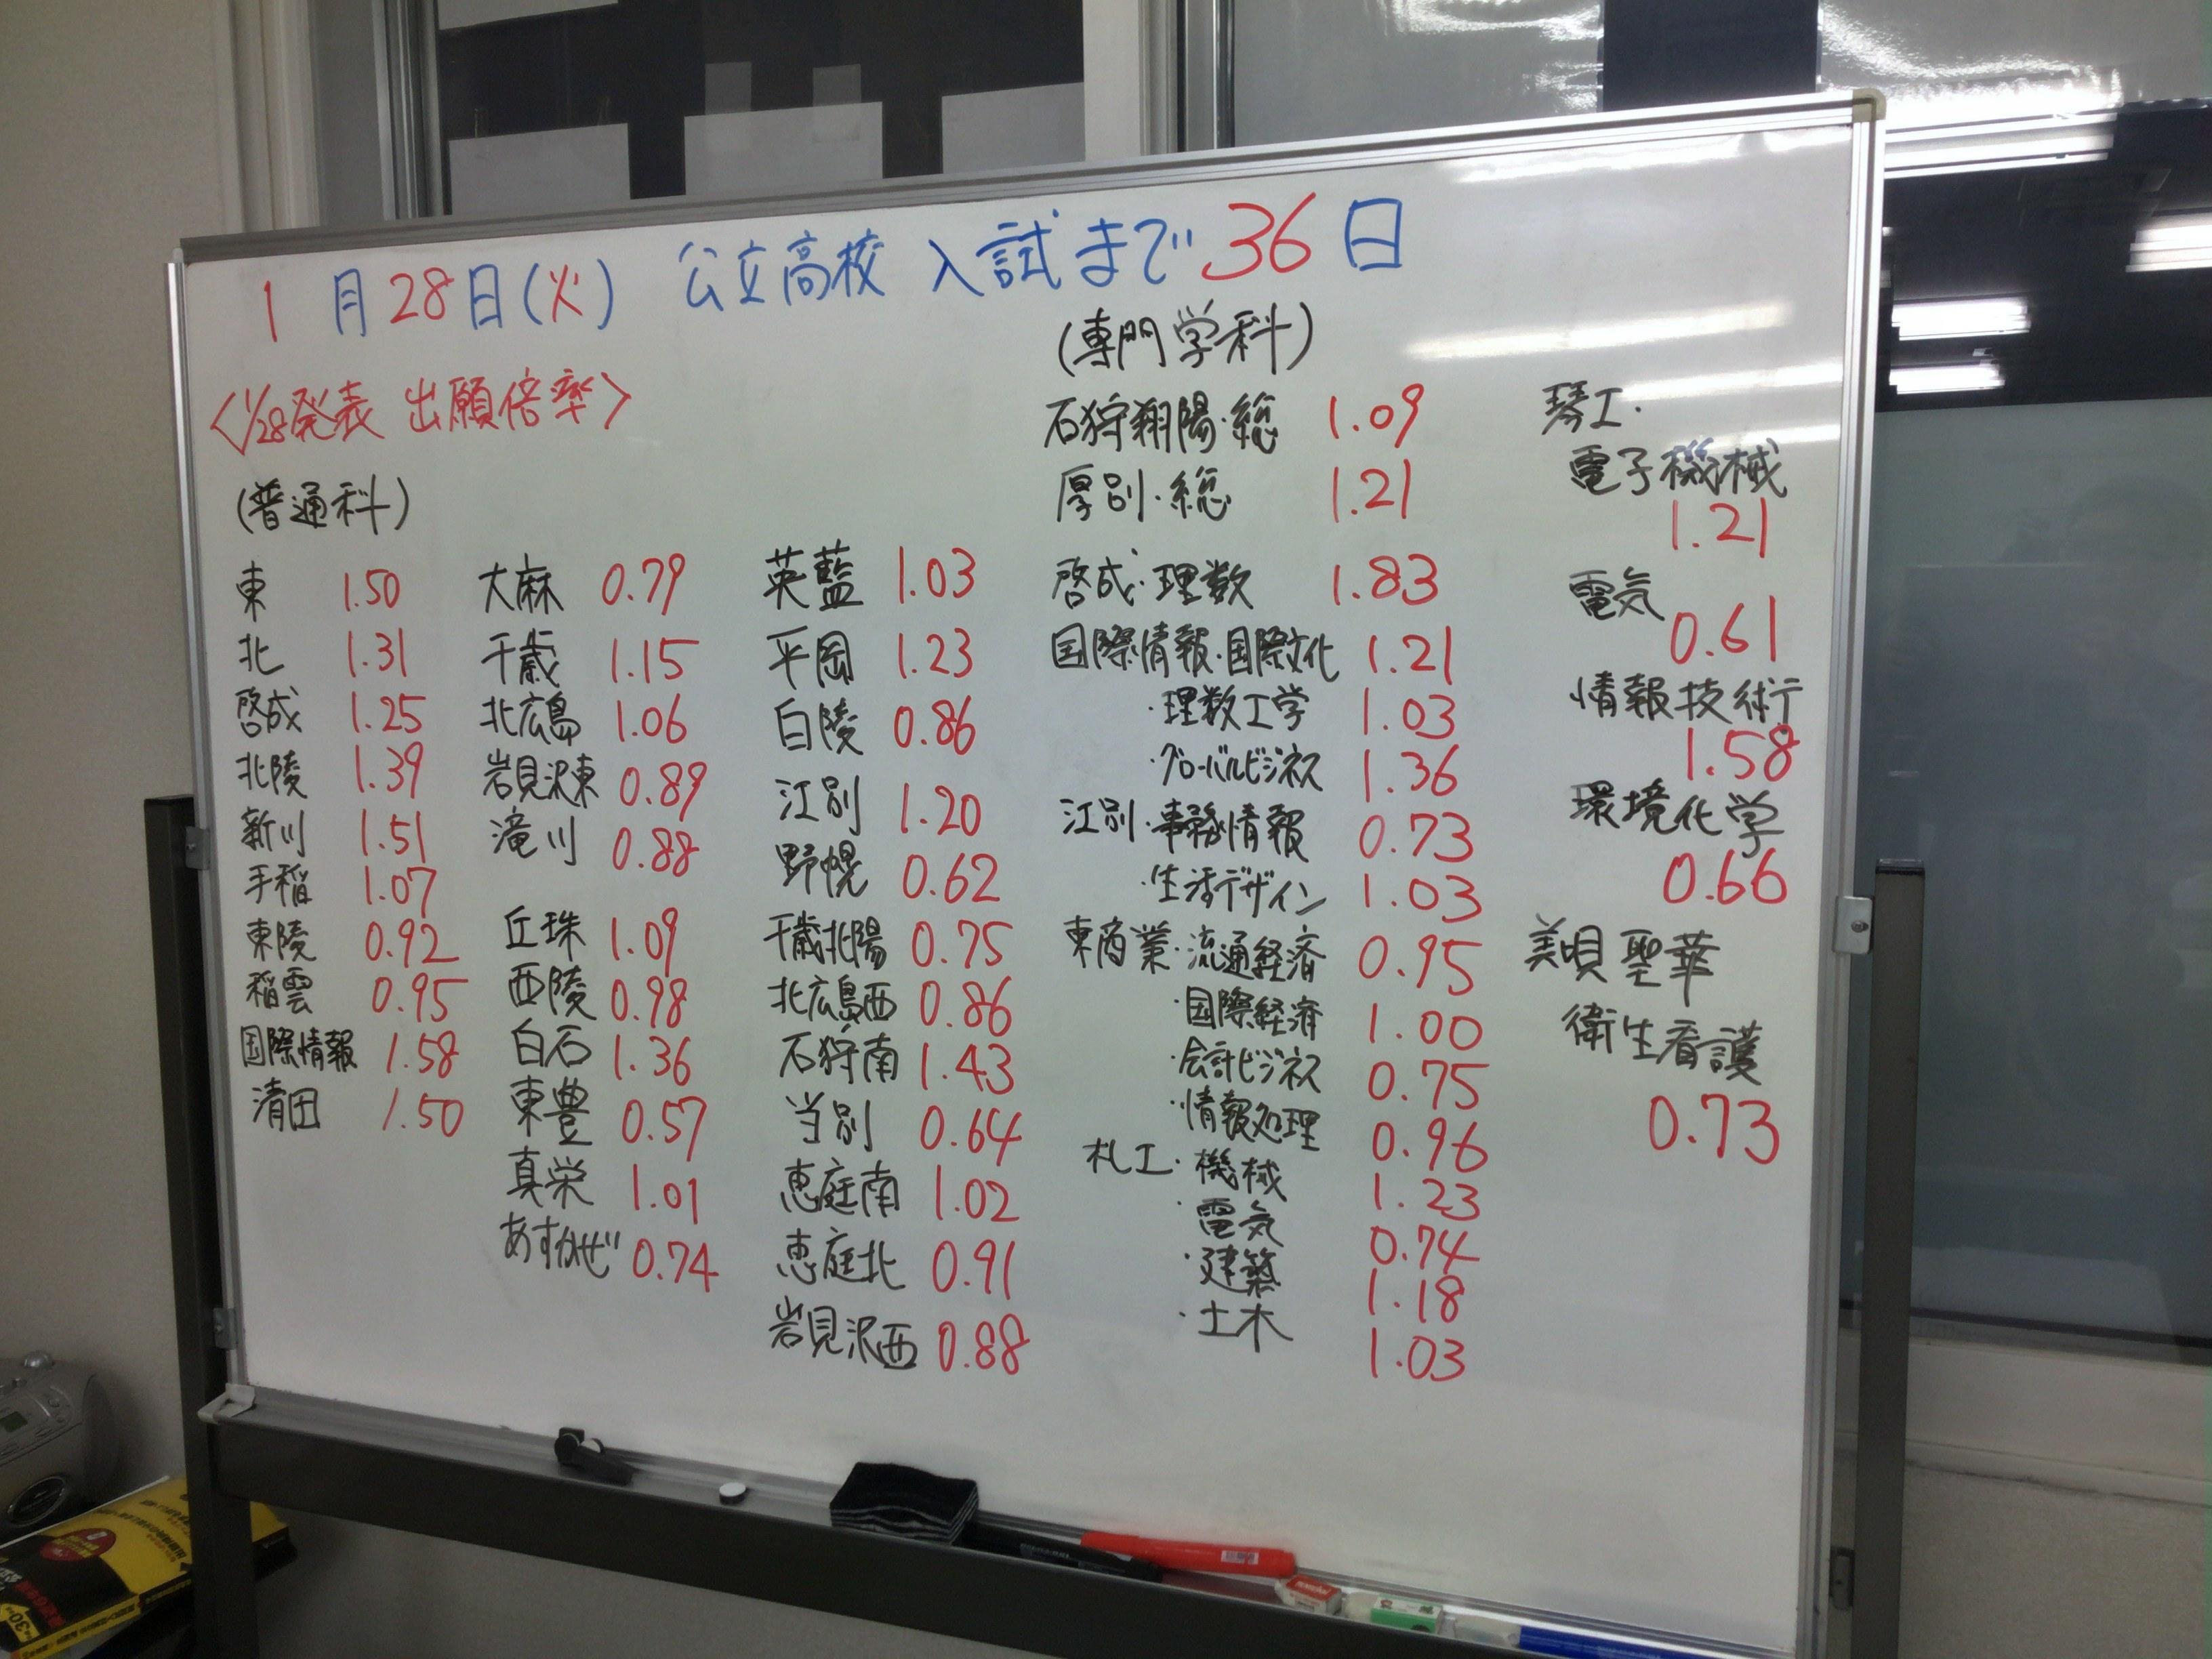 2F5ADC05-D285-4AB0-81A0-A0B544A00690.jpeg